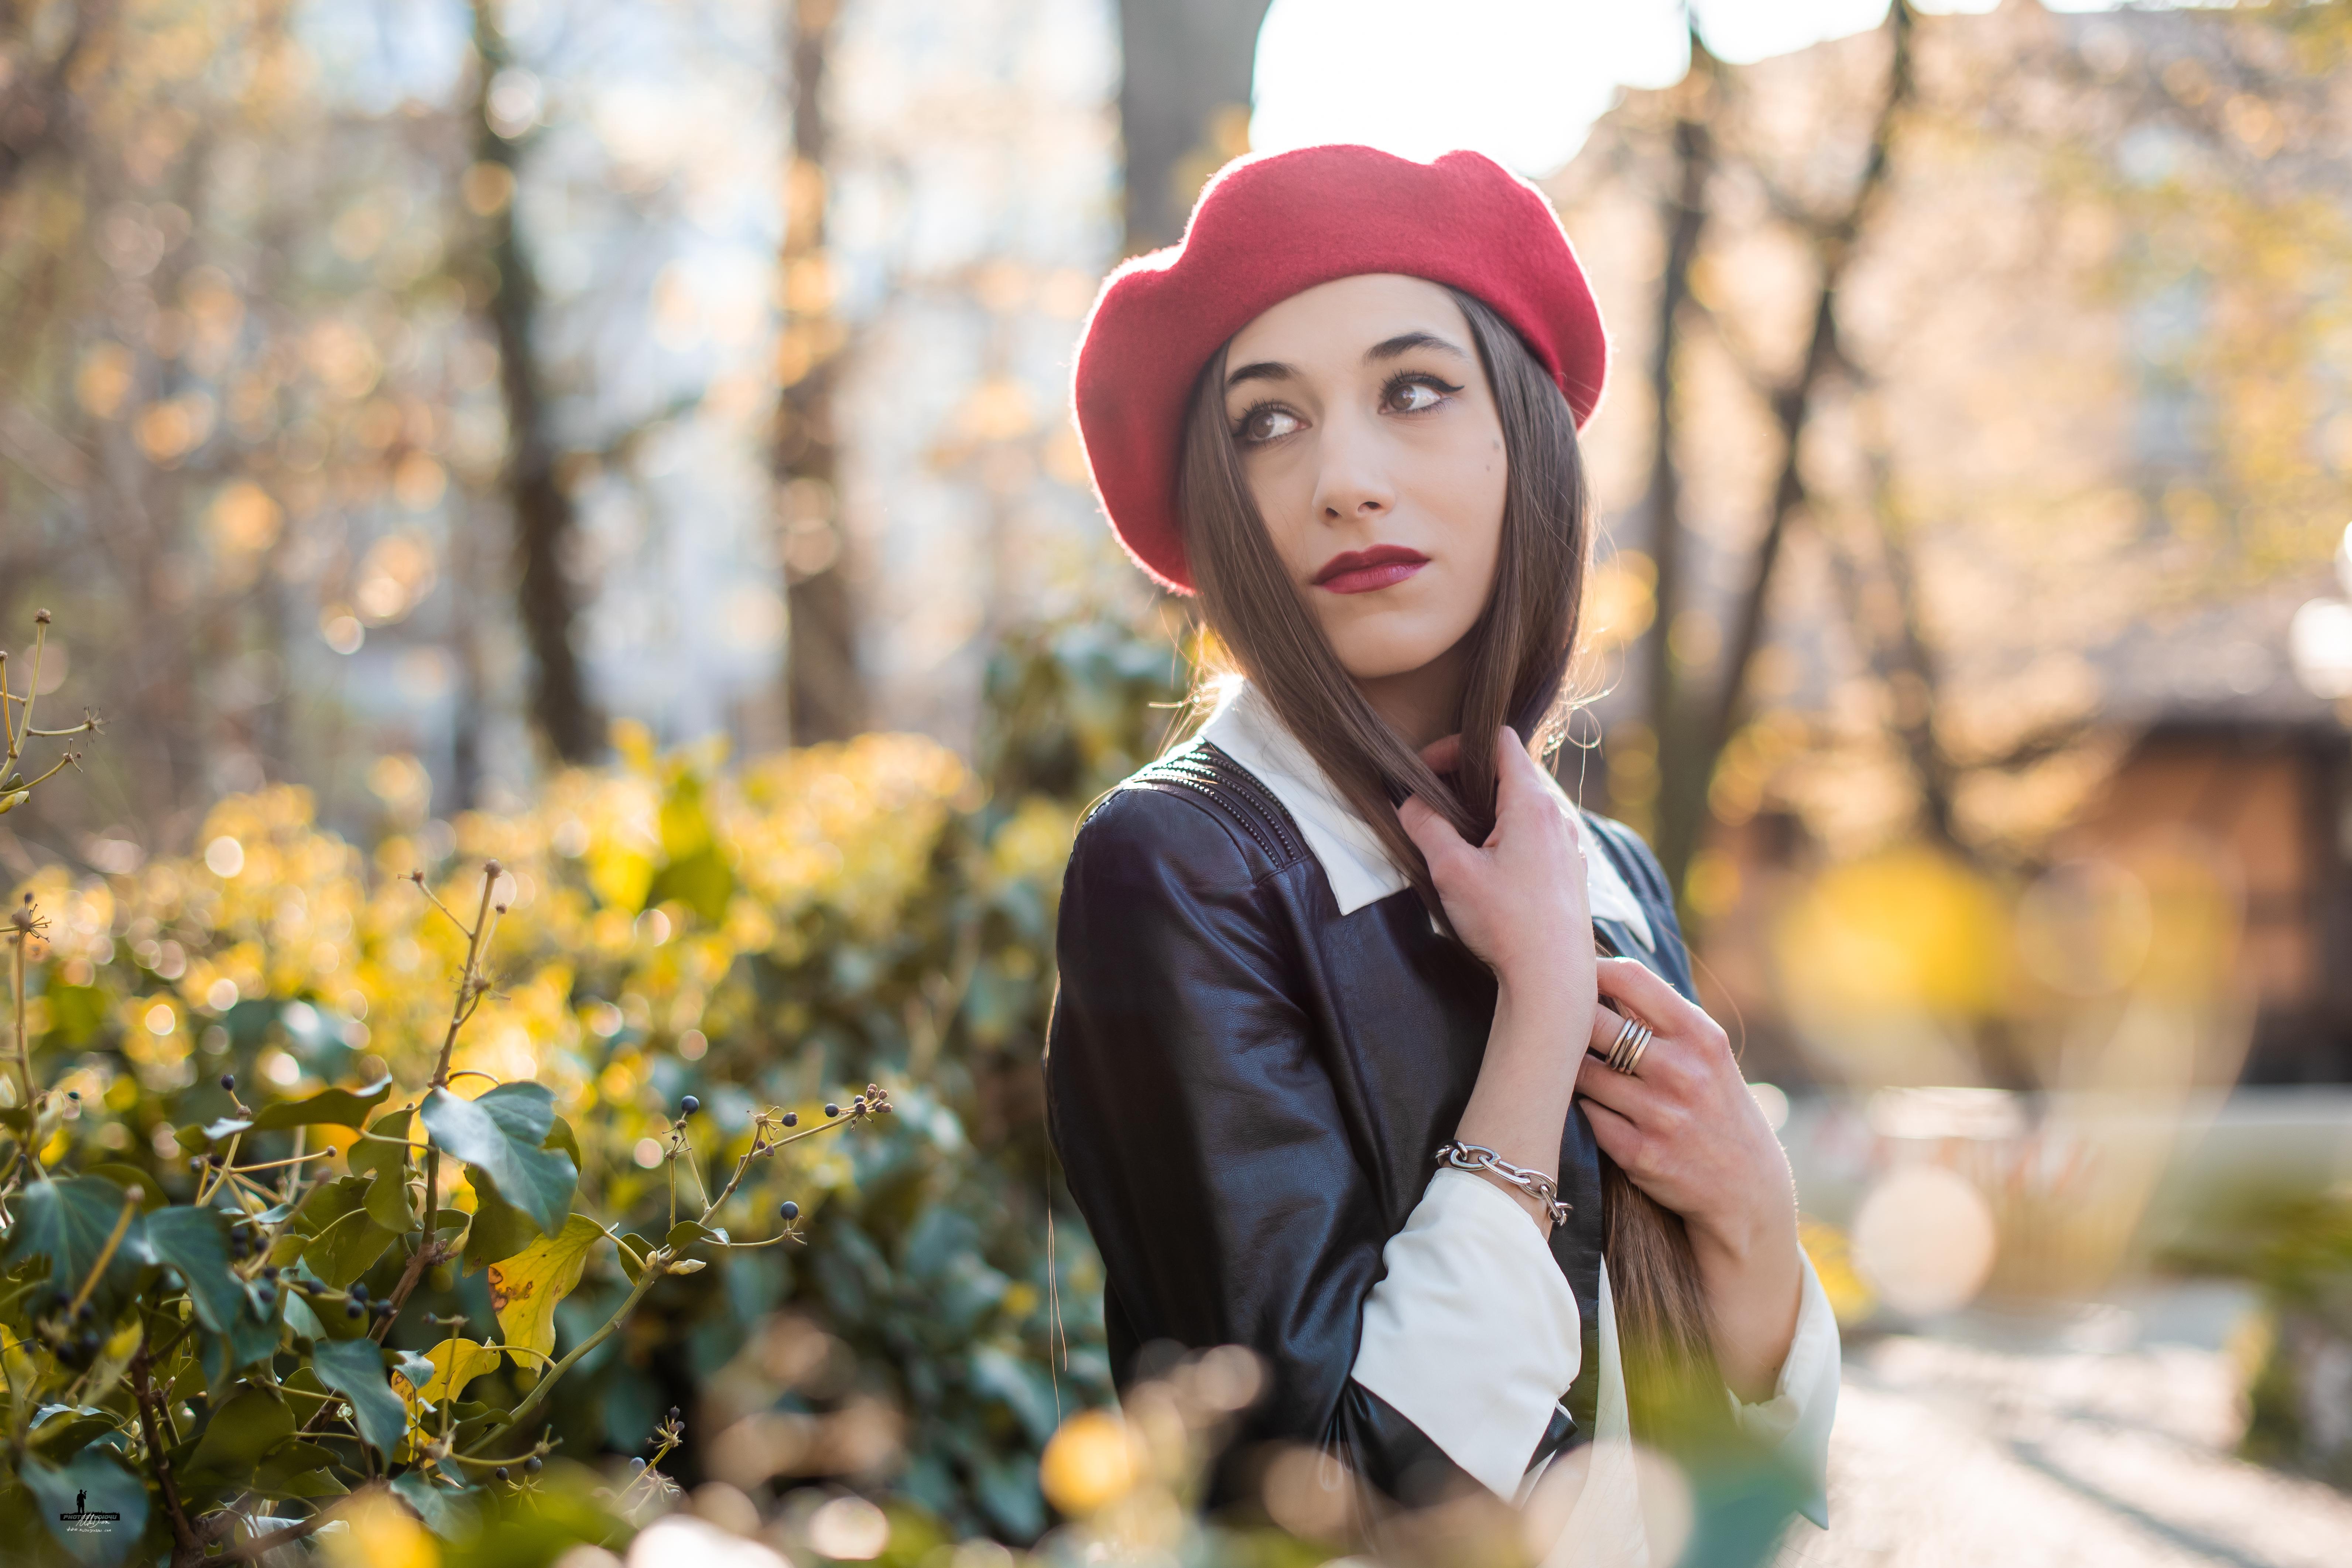 fotografo moda